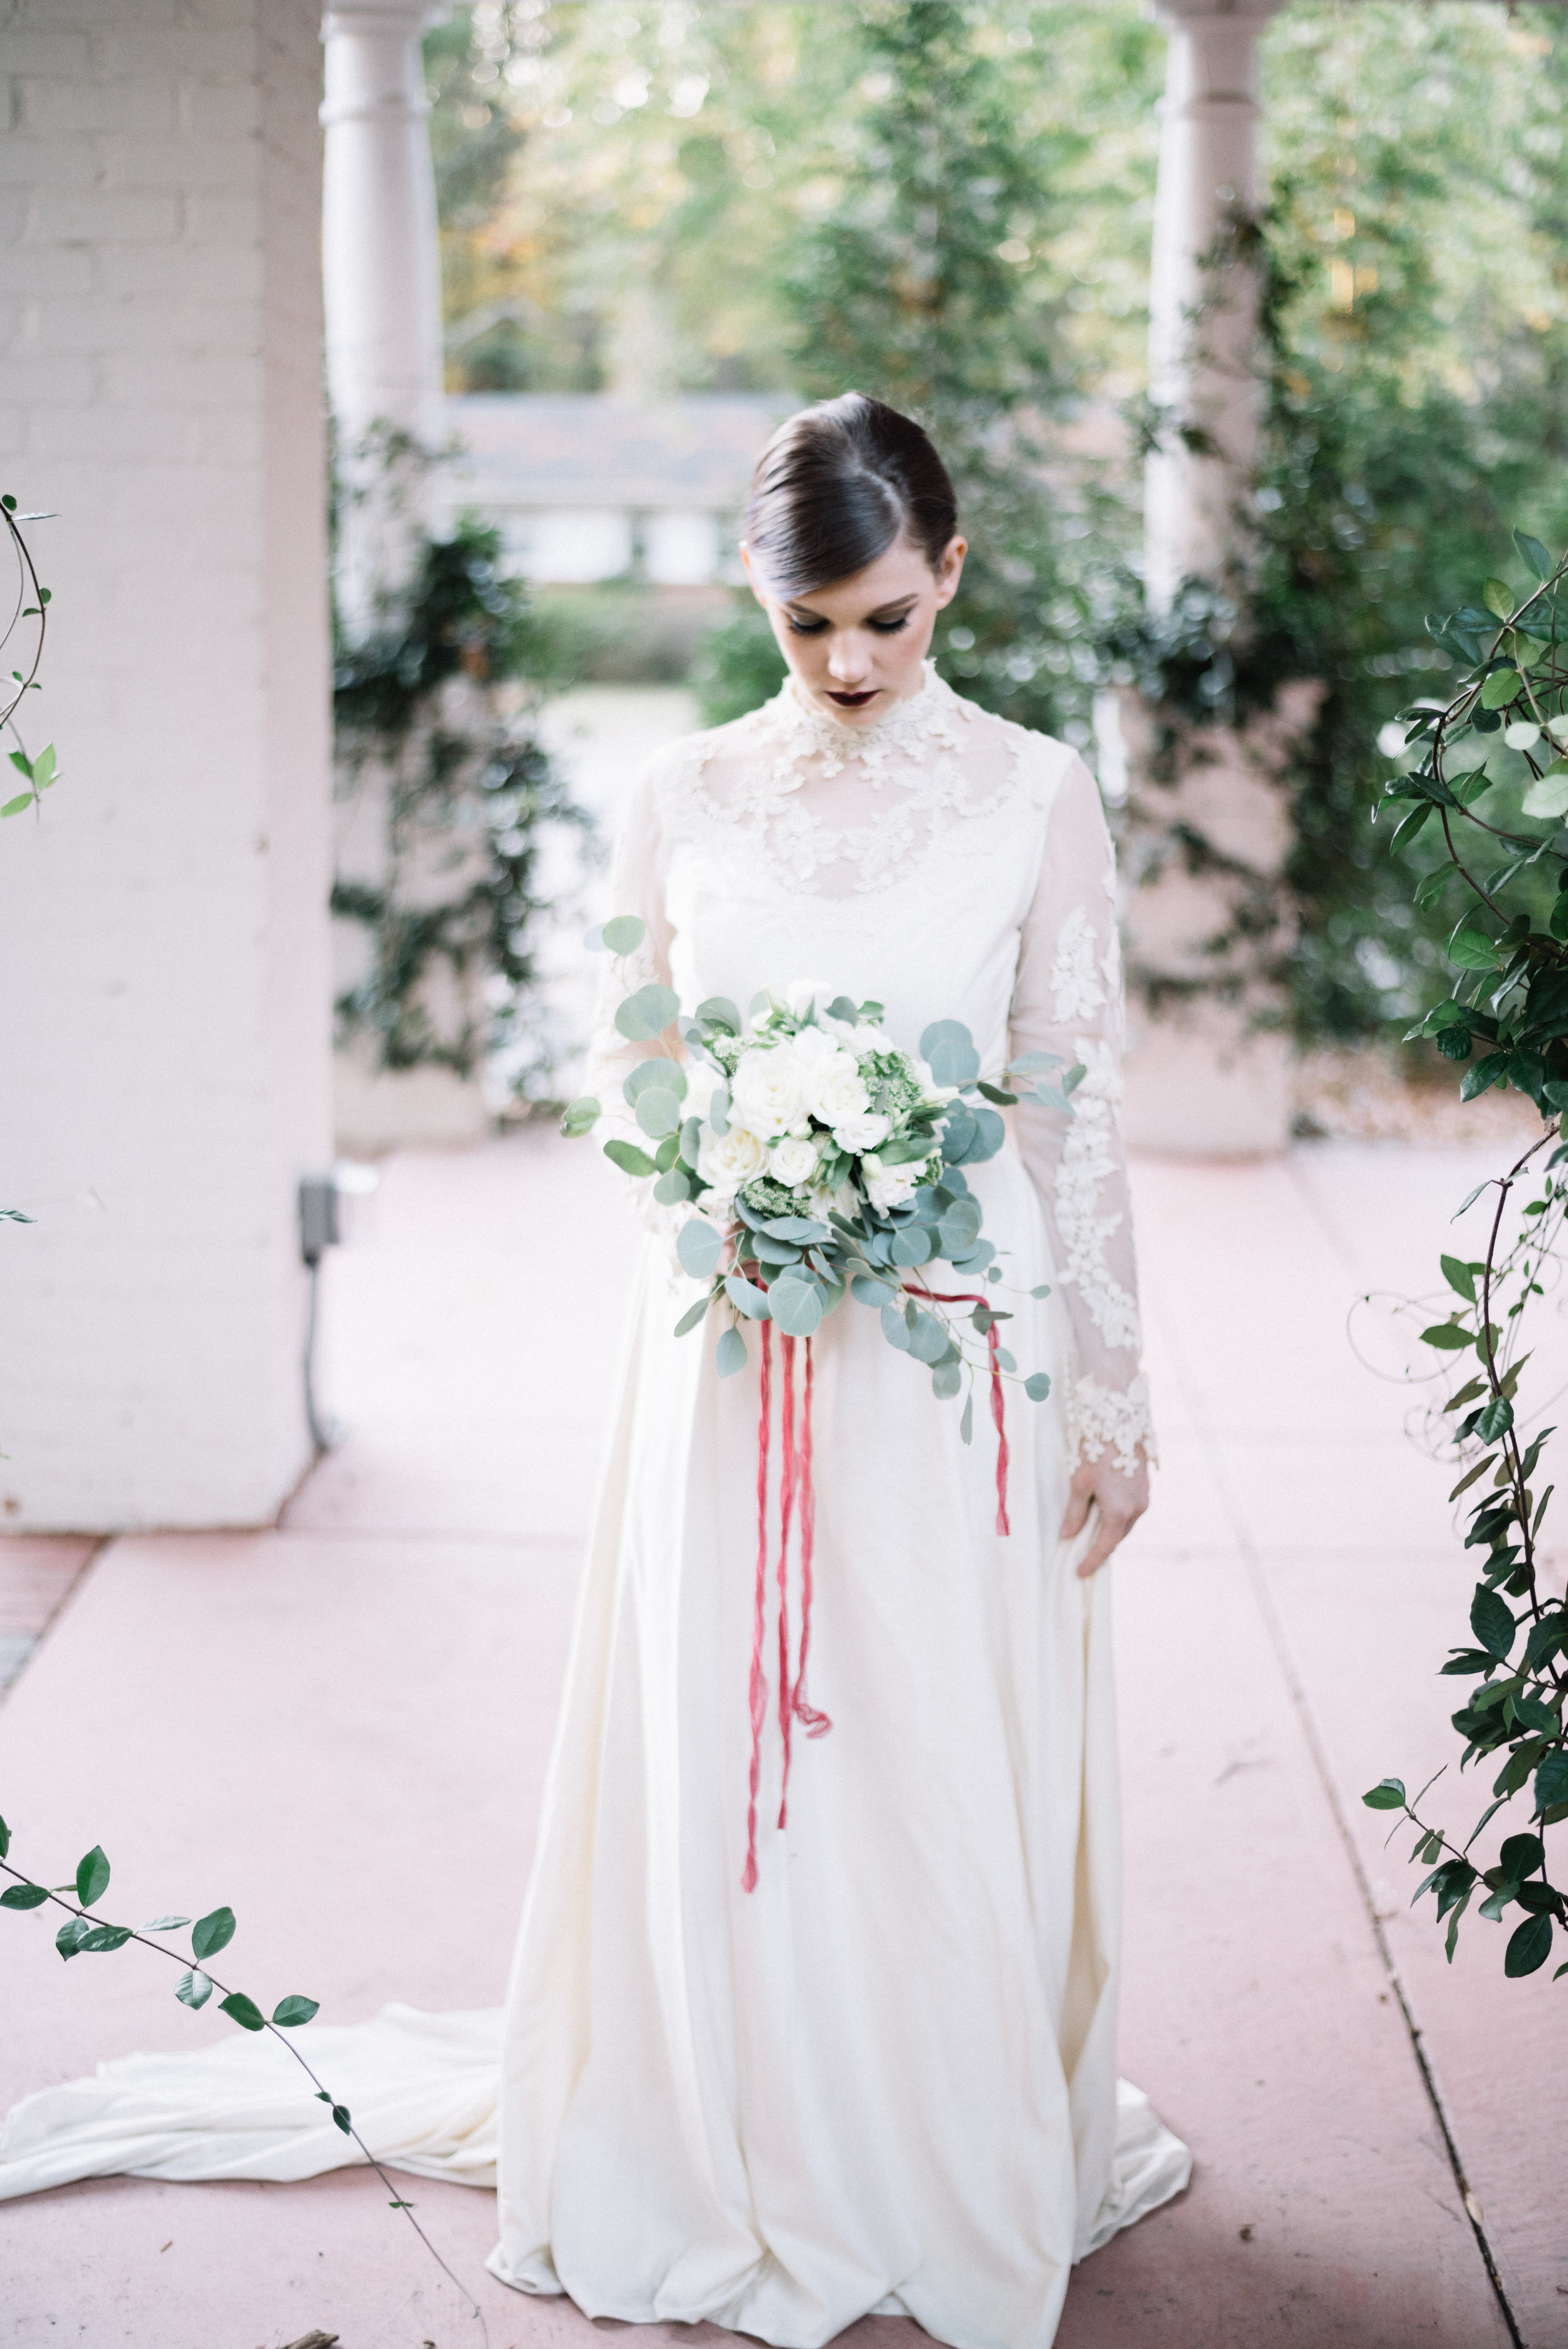 Tildy Floral Designs